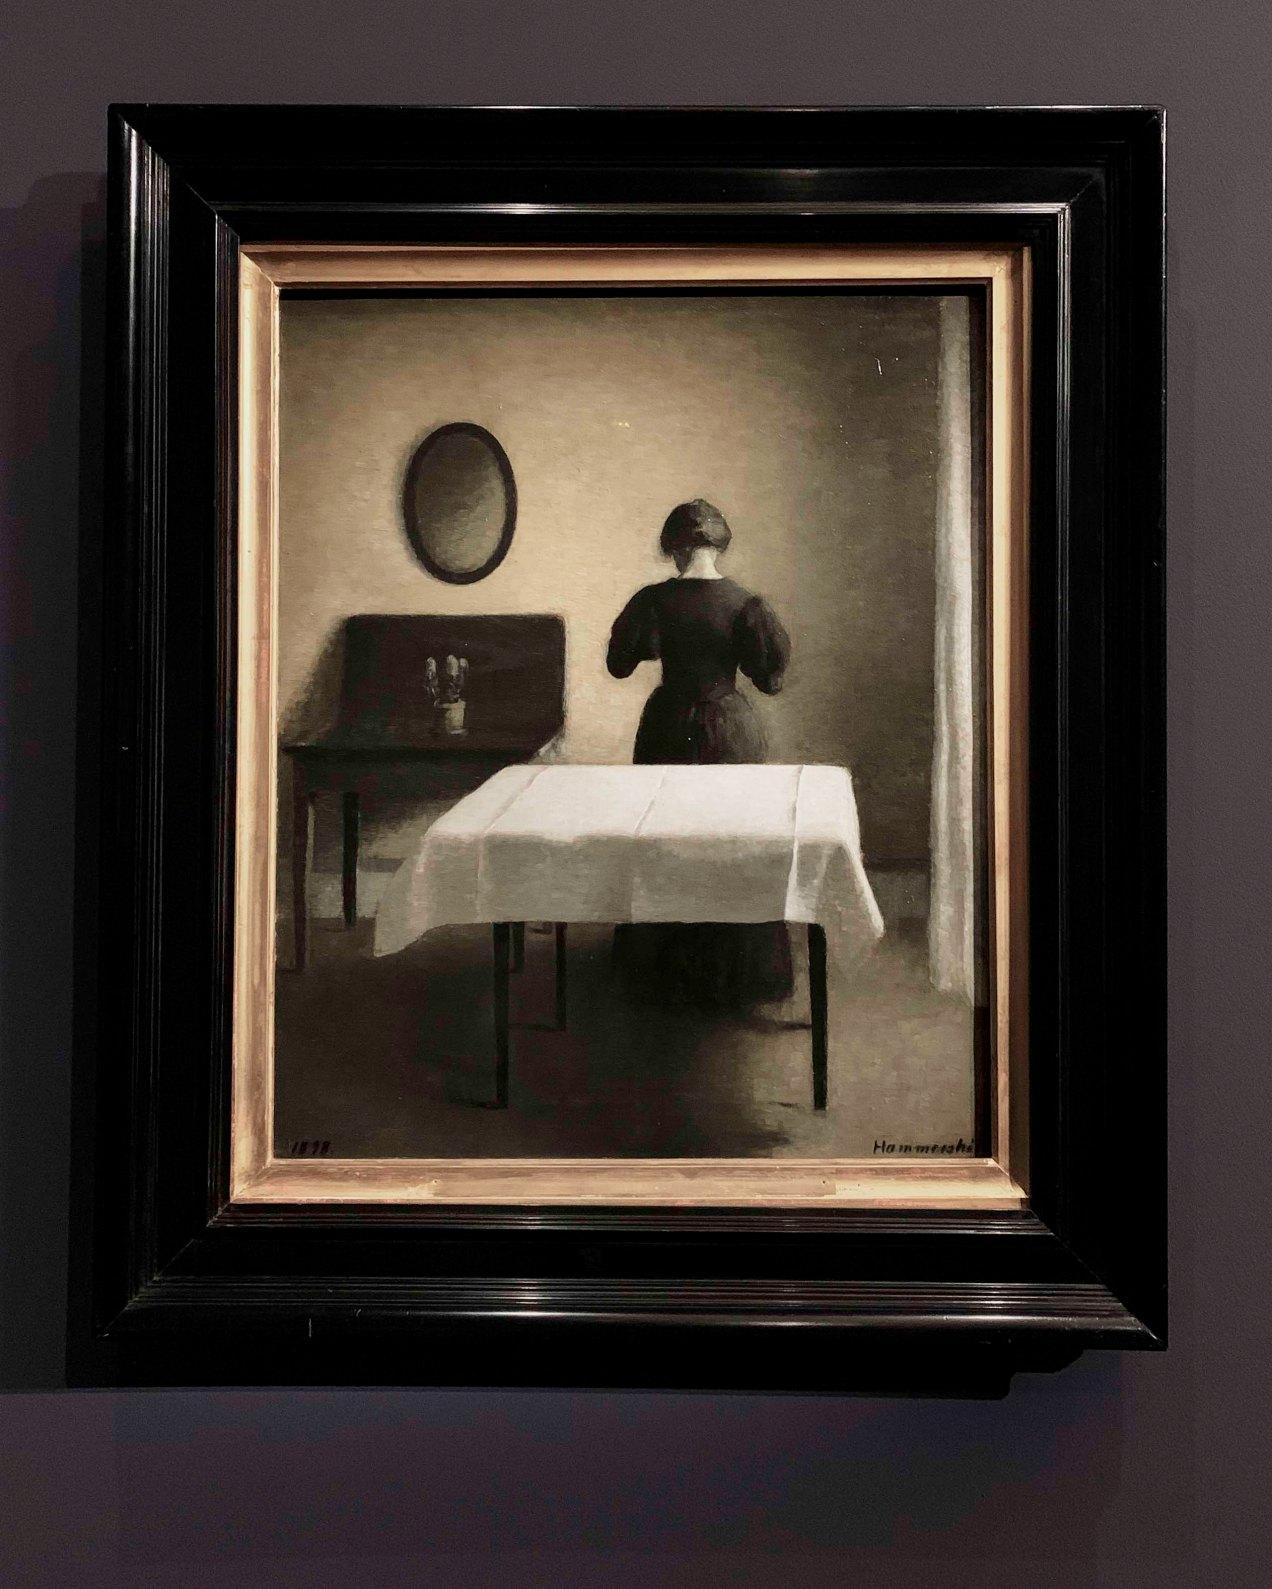 Hammershoi, le maître de la peinture danoise, gildalliere, 2019